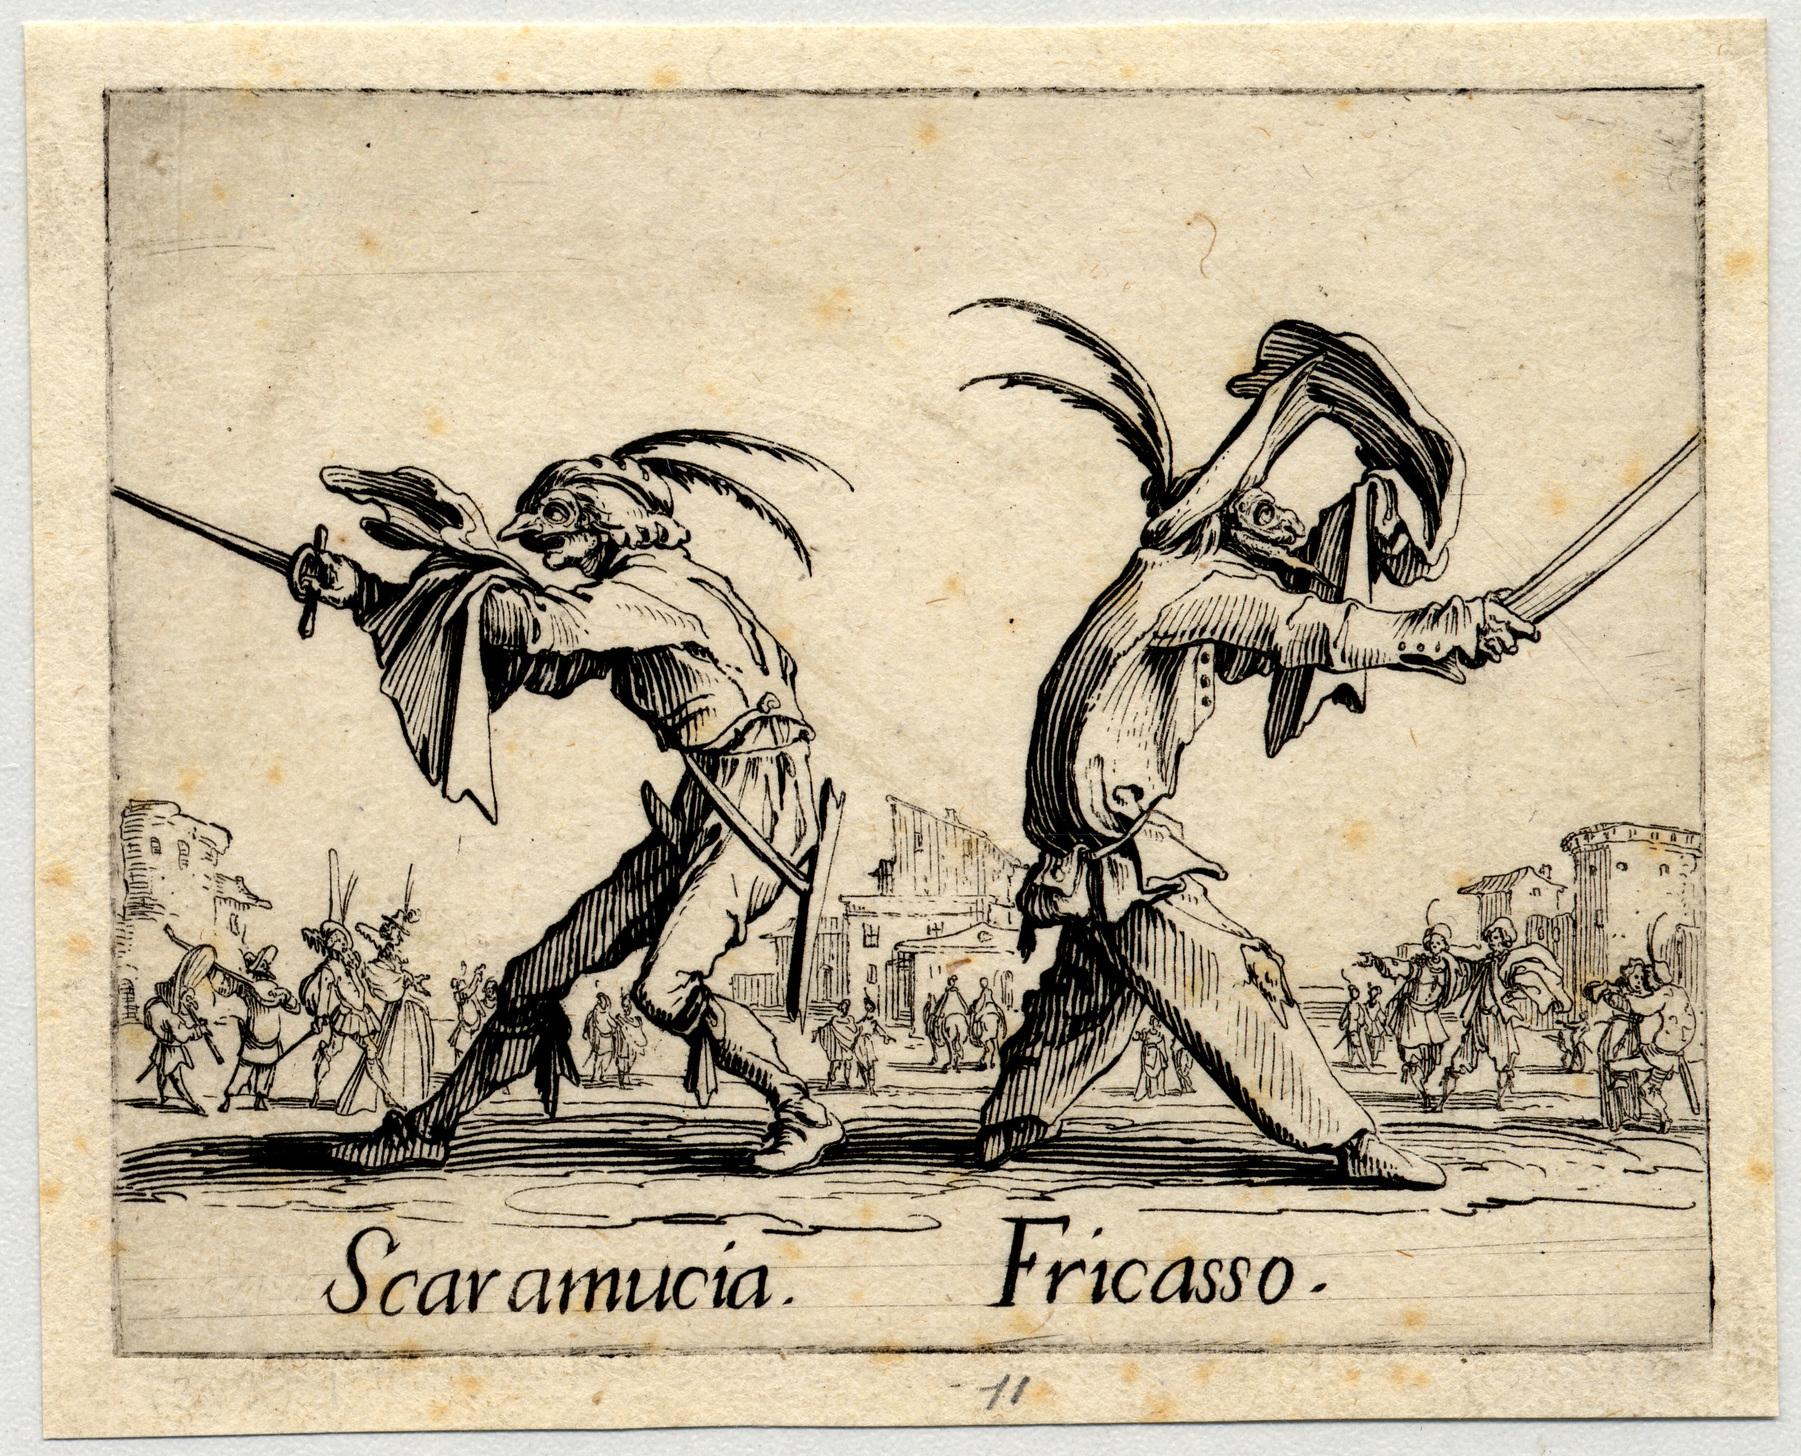 Contenu du Balli di Sfessania : Scaramucia, Fricasso